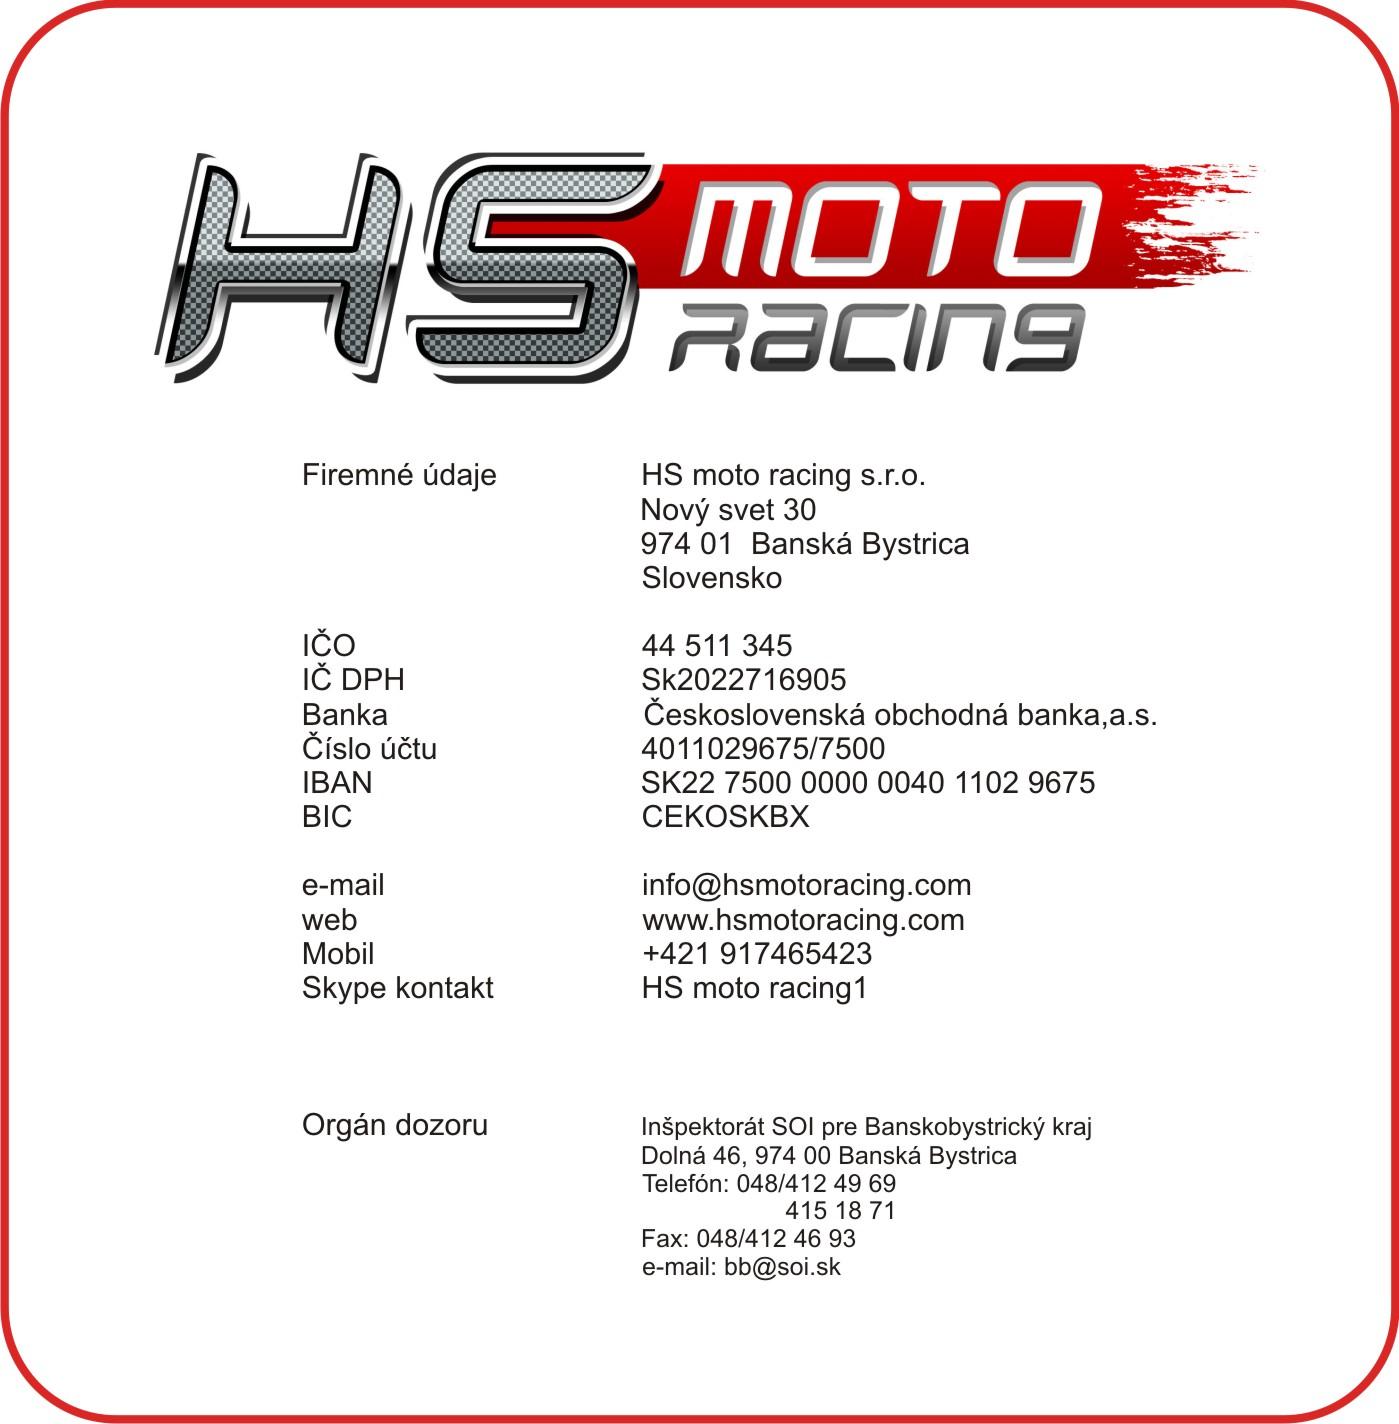 Kontakt HS moto racing